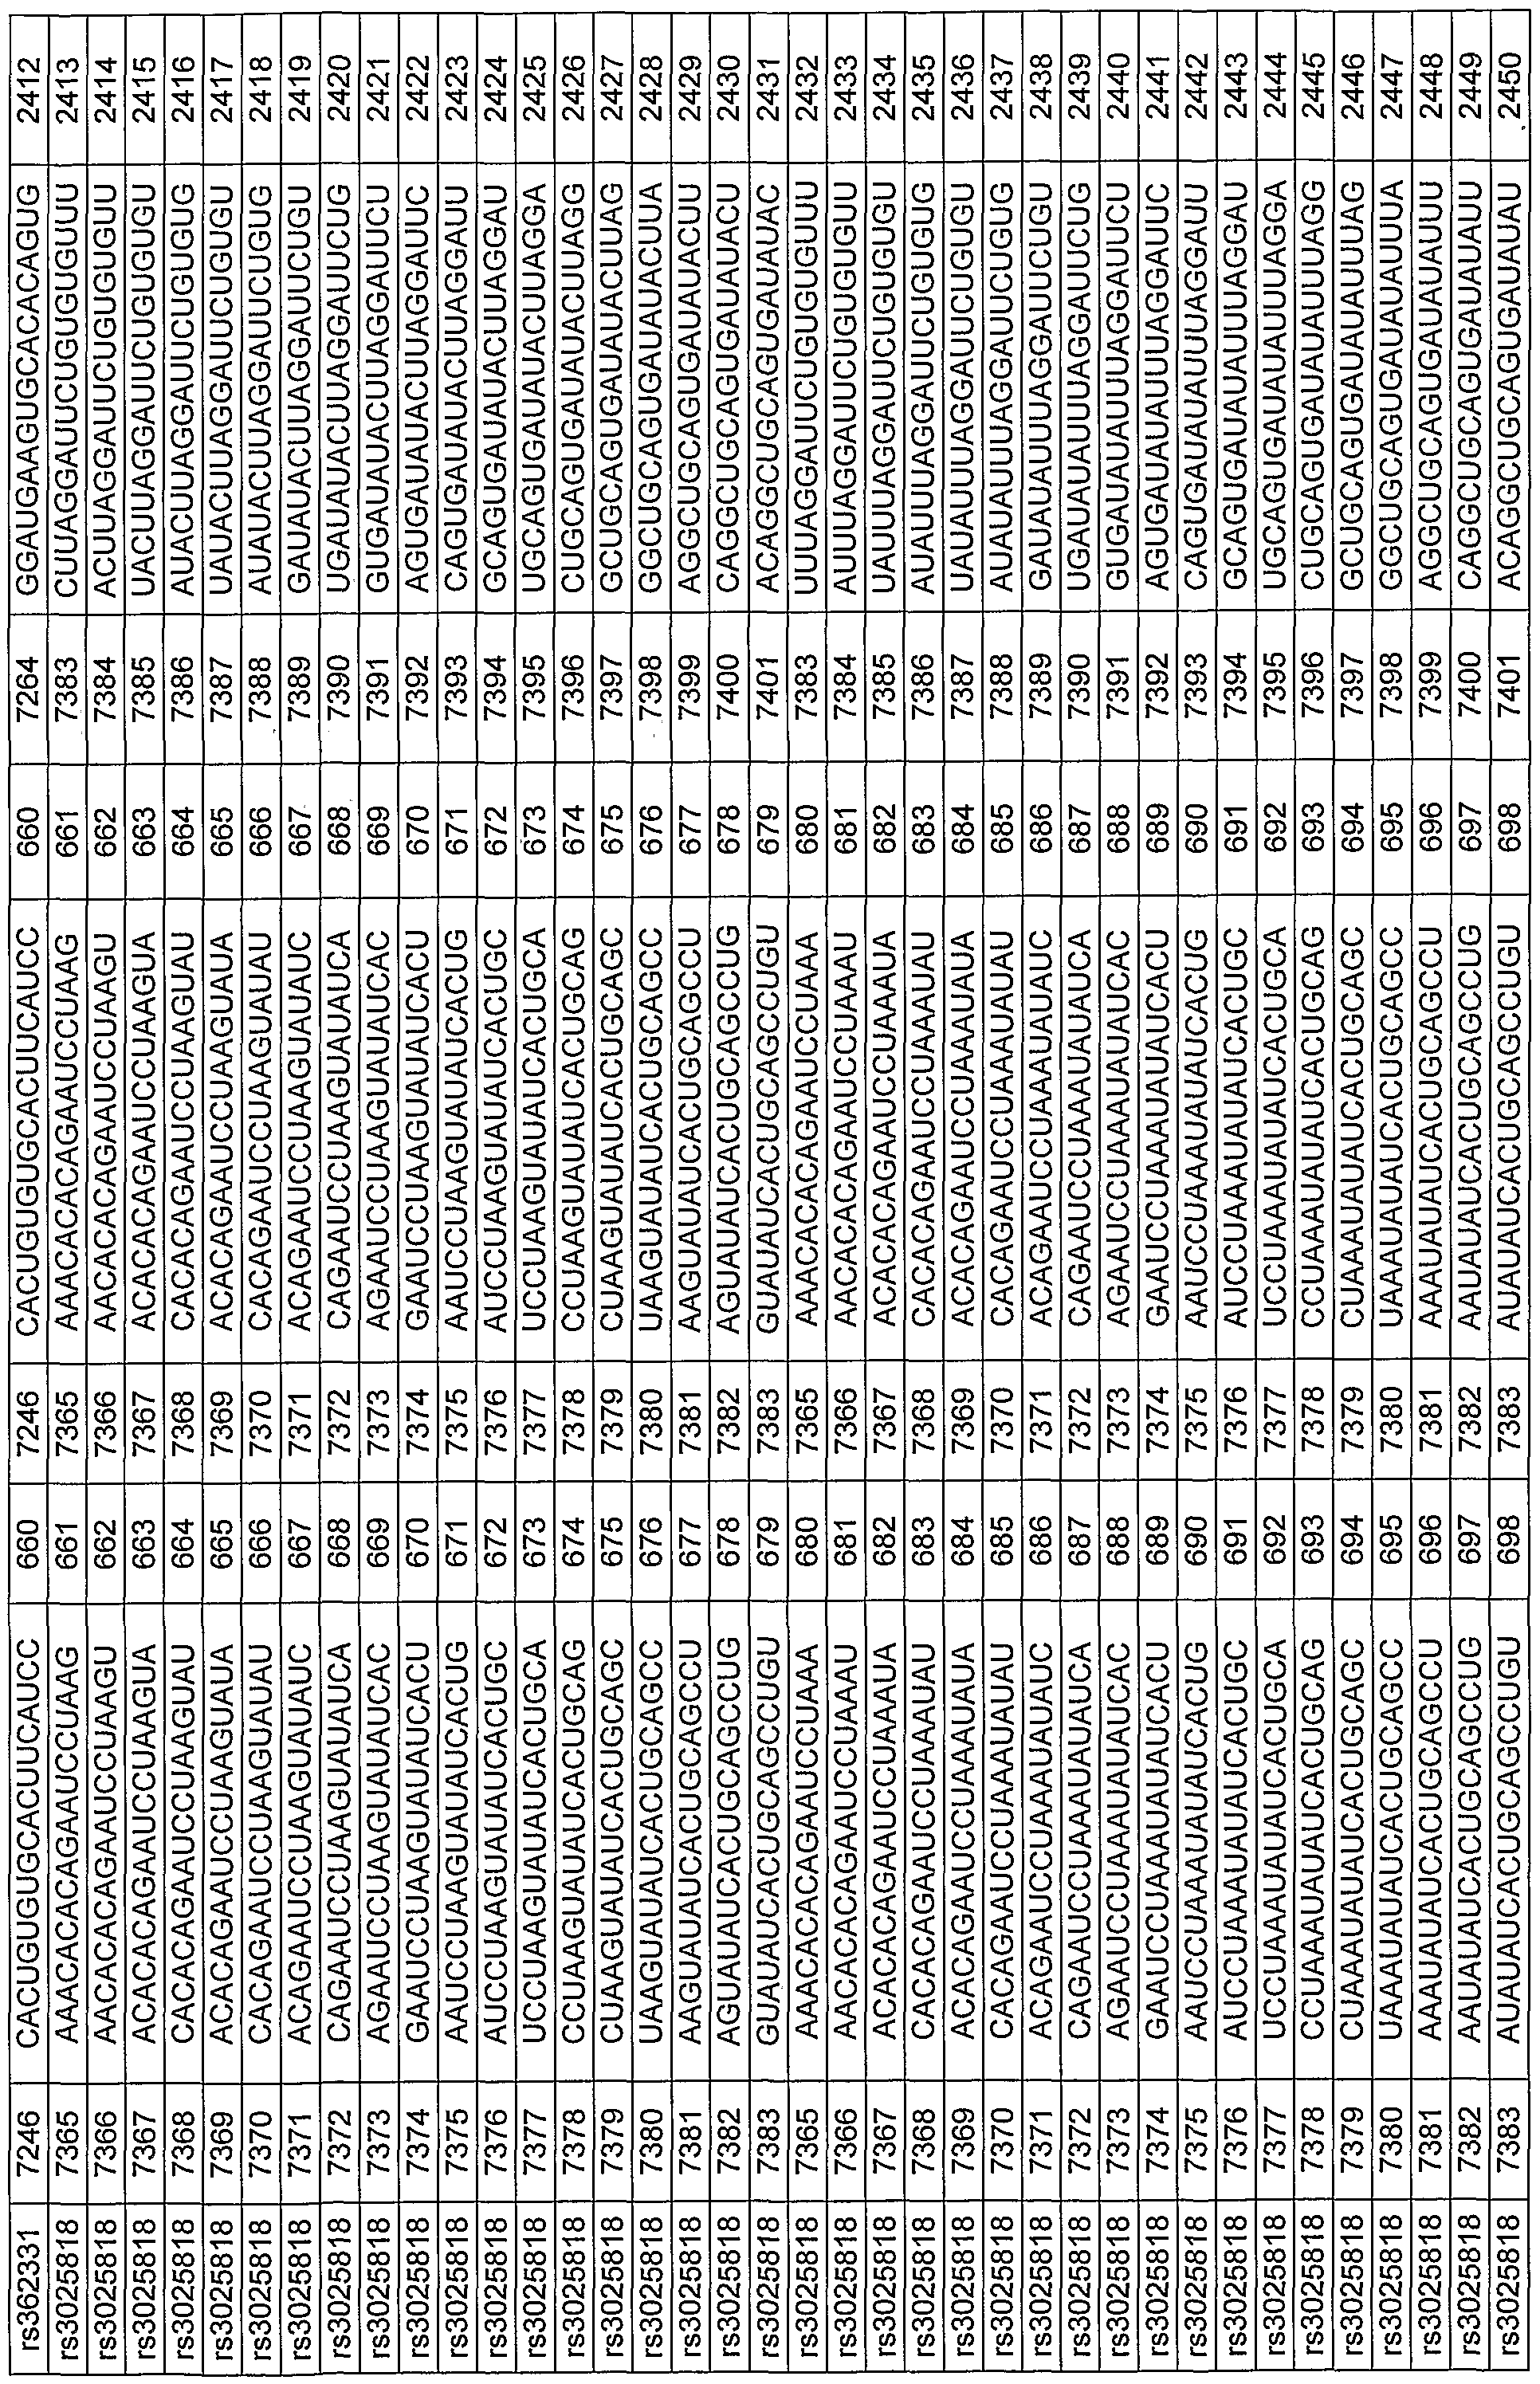 Figure imgf000230_0002